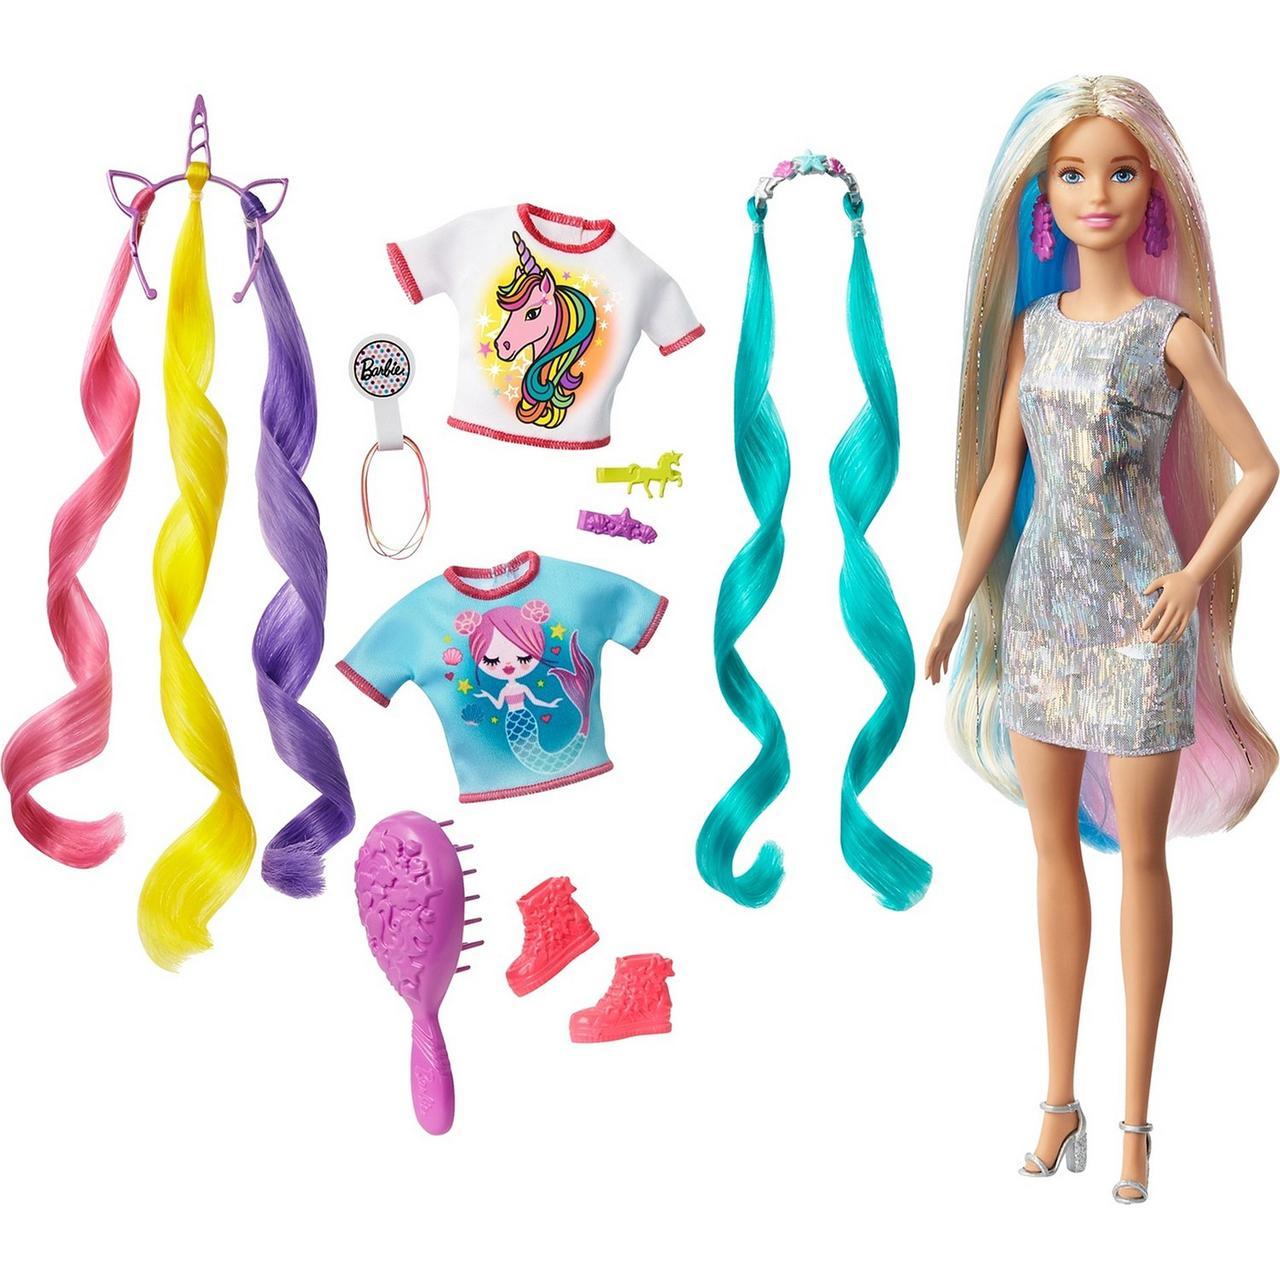 """Barbie Набор """"Волшебные волосы Барби"""" из Единорога в Русалку"""